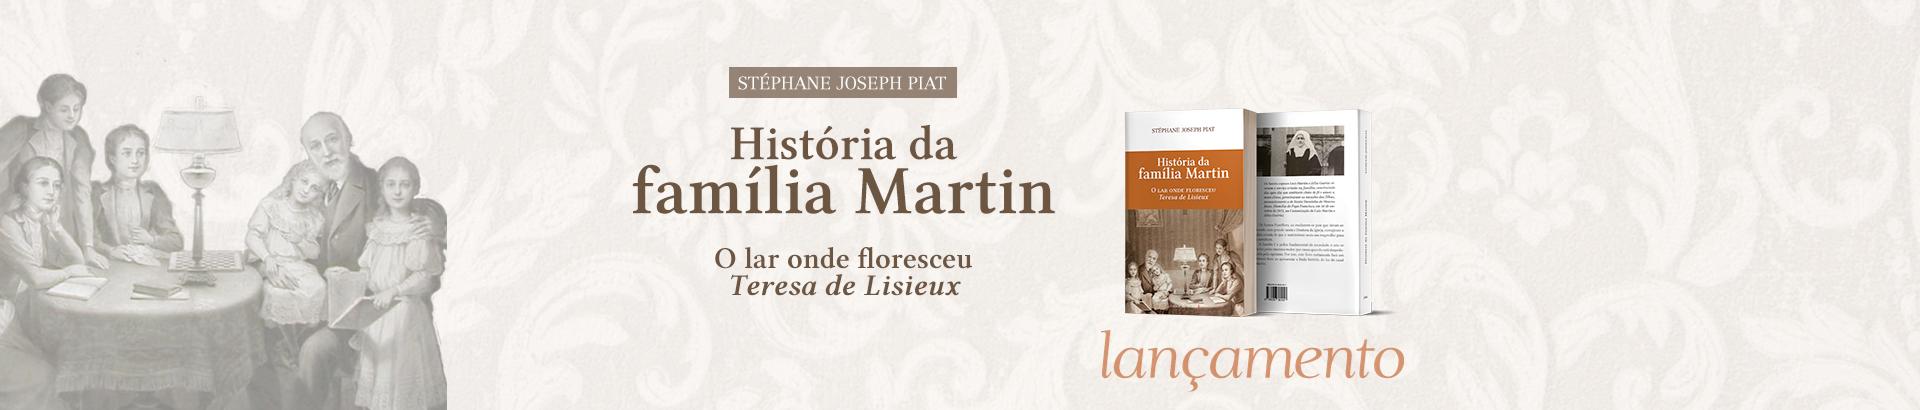 lancamento_HistoriaDaFamiliaMartin